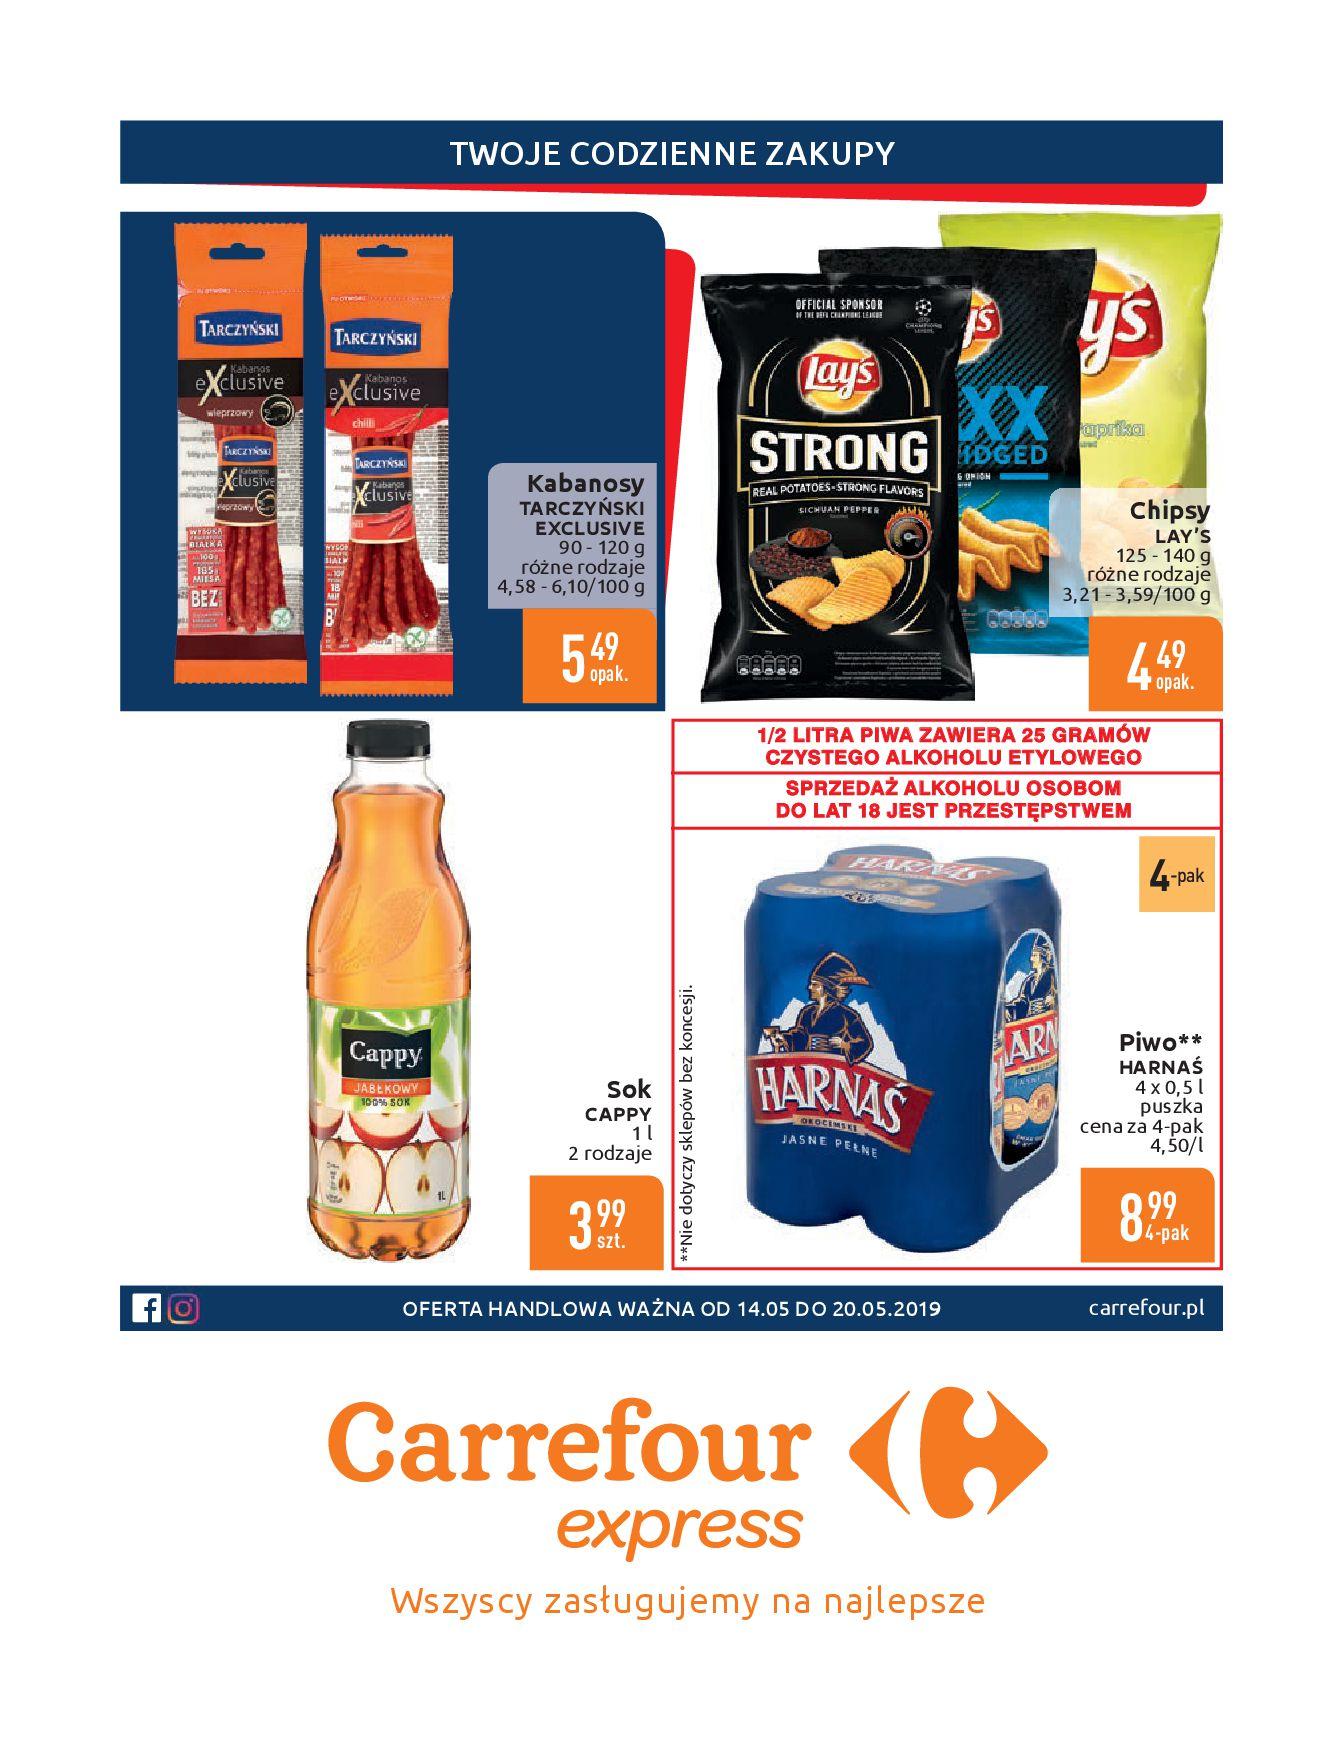 Gazetka Carrefour Express - Gdy zakupy rosną, to ceny maleją ekspresowo-13.05.2019-20.05.2019-page-